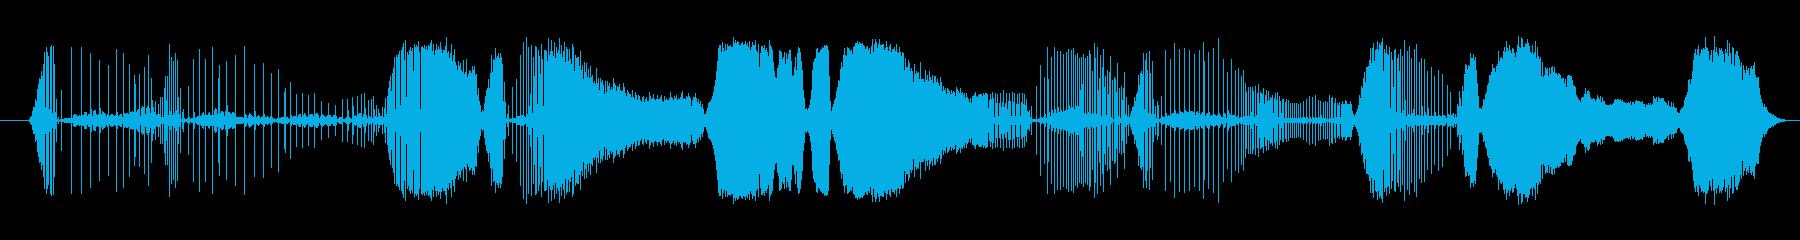 ノイズ ジューシーラトルシーケンス...の再生済みの波形